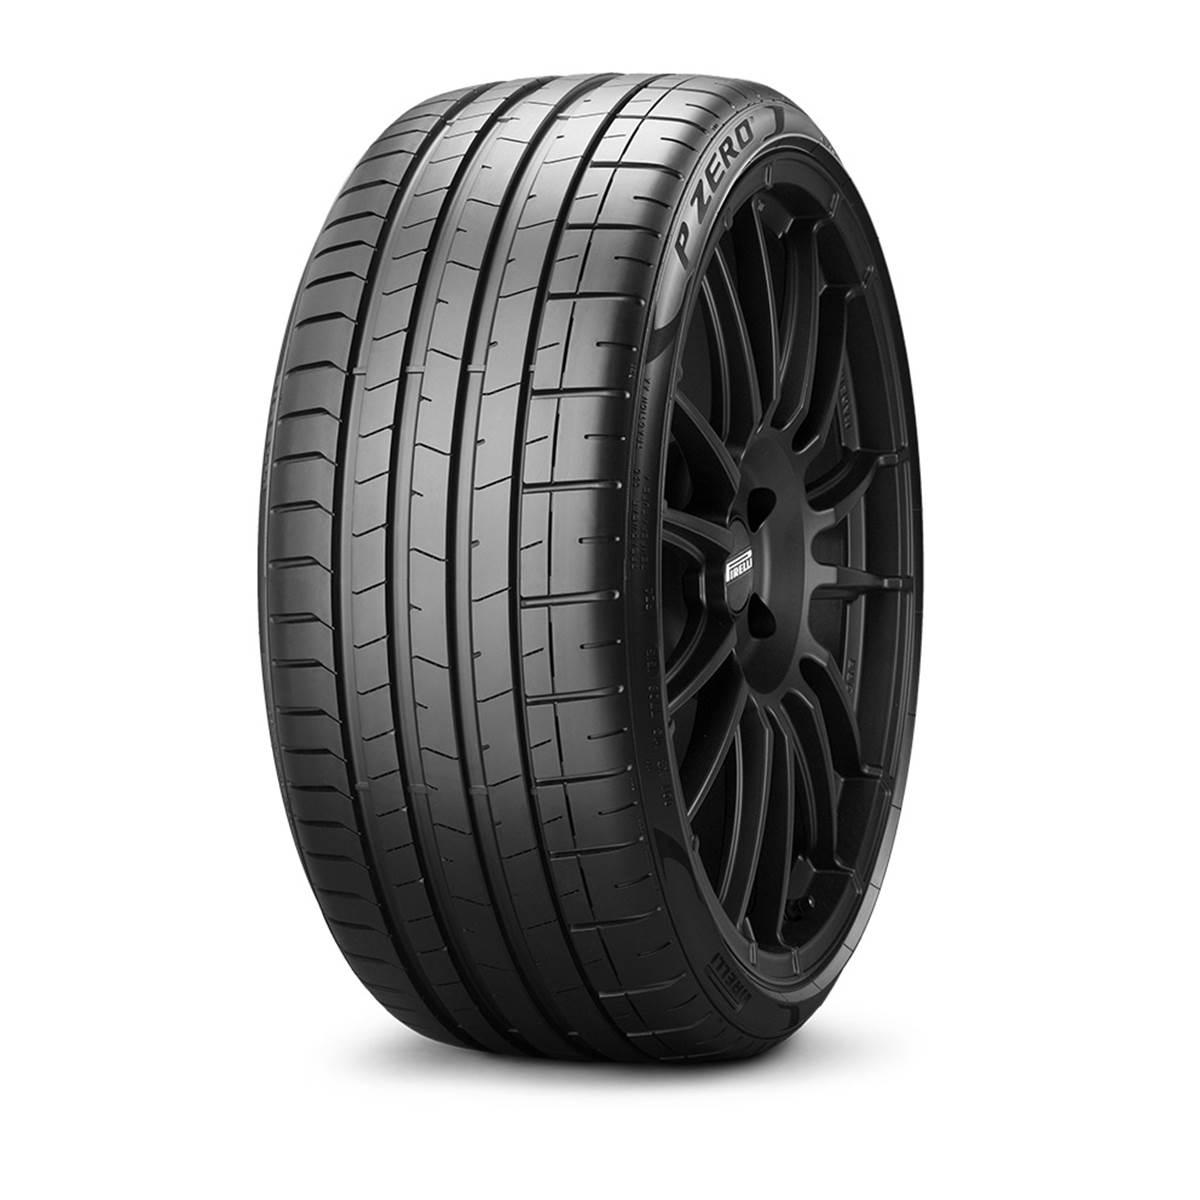 Pneu Runflat Pirelli 215/40R18 85Y Pzero